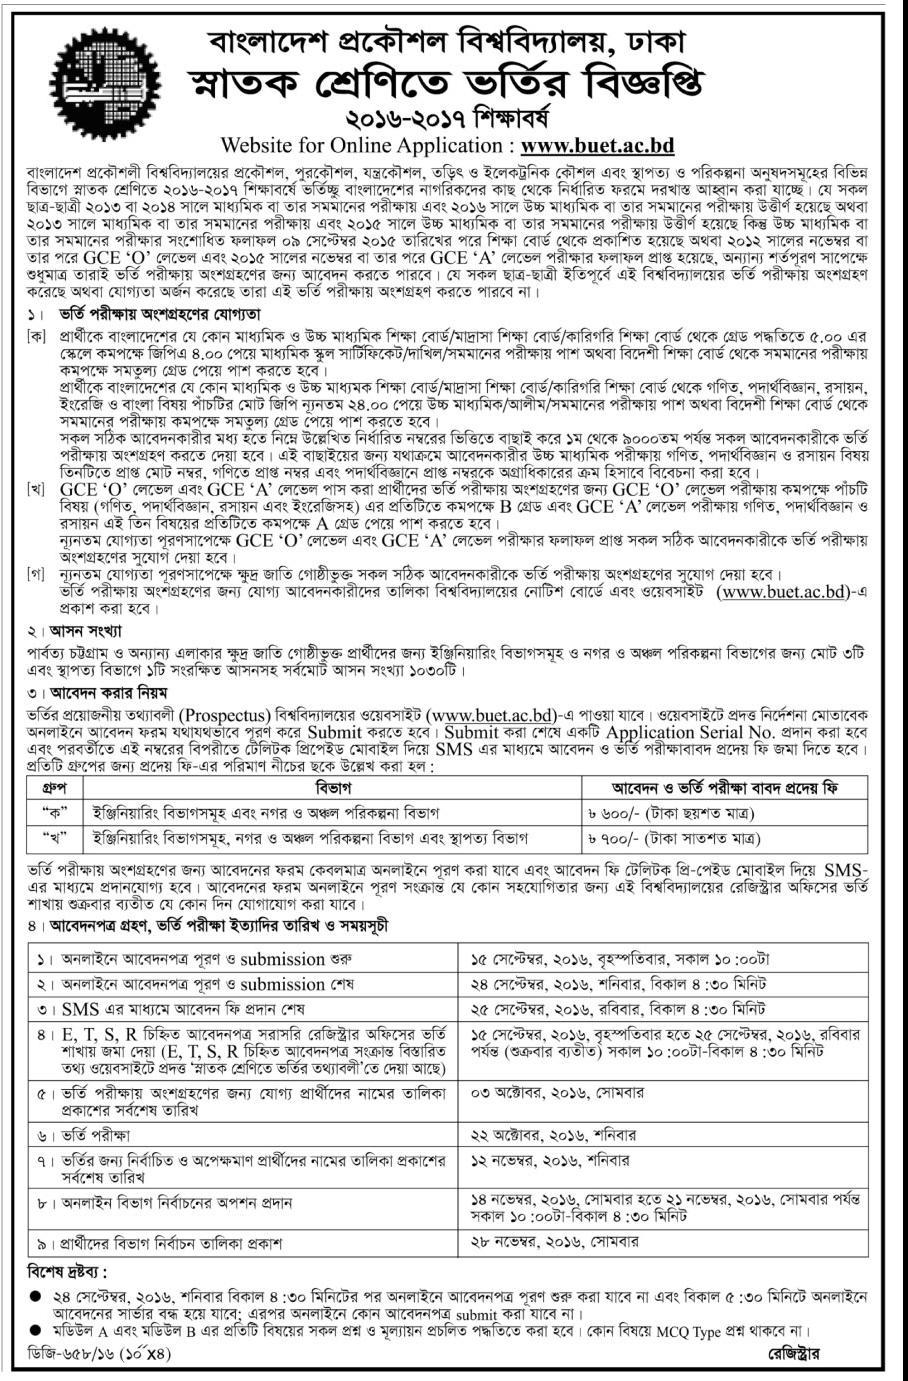 BUET Admission Test Circular 2020-2021